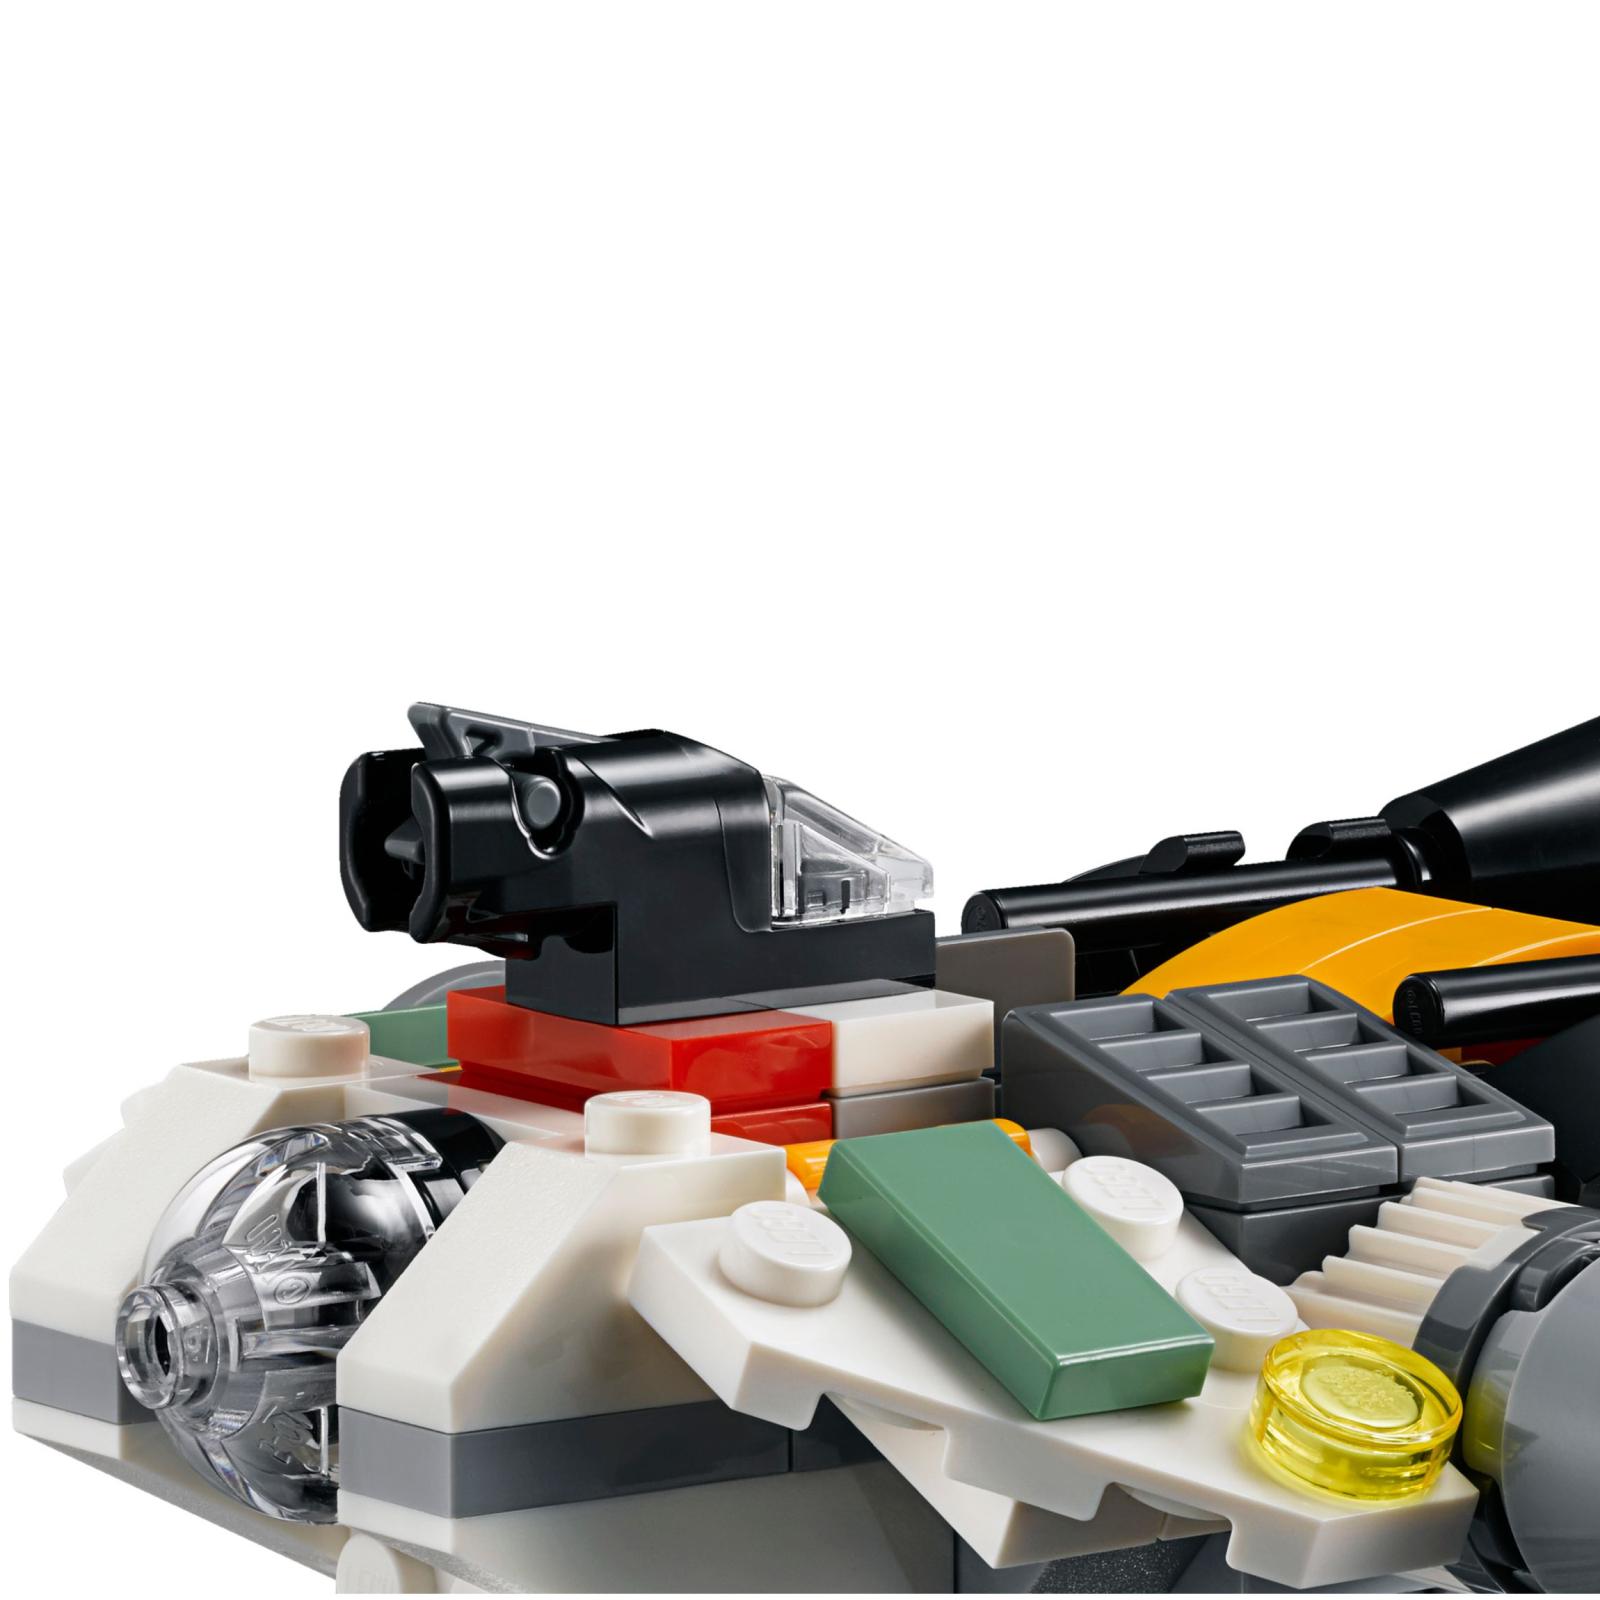 Конструктор LEGO Star Wars Призрак (75127) изображение 6